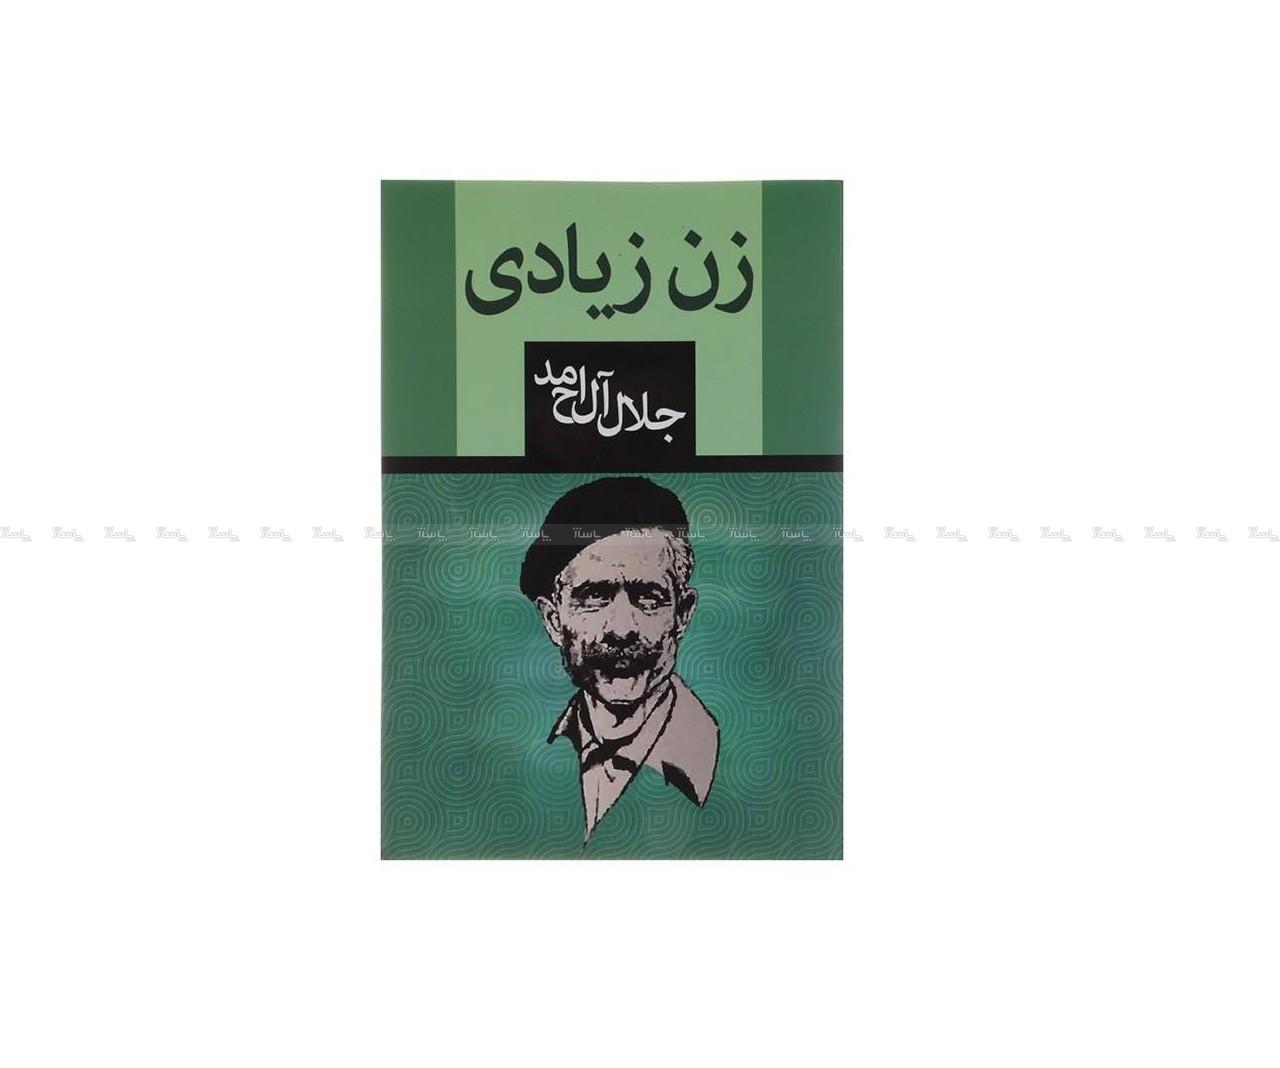 کتاب چاپی زن زیادی اثر جلال آل احمد-تصویر اصلی